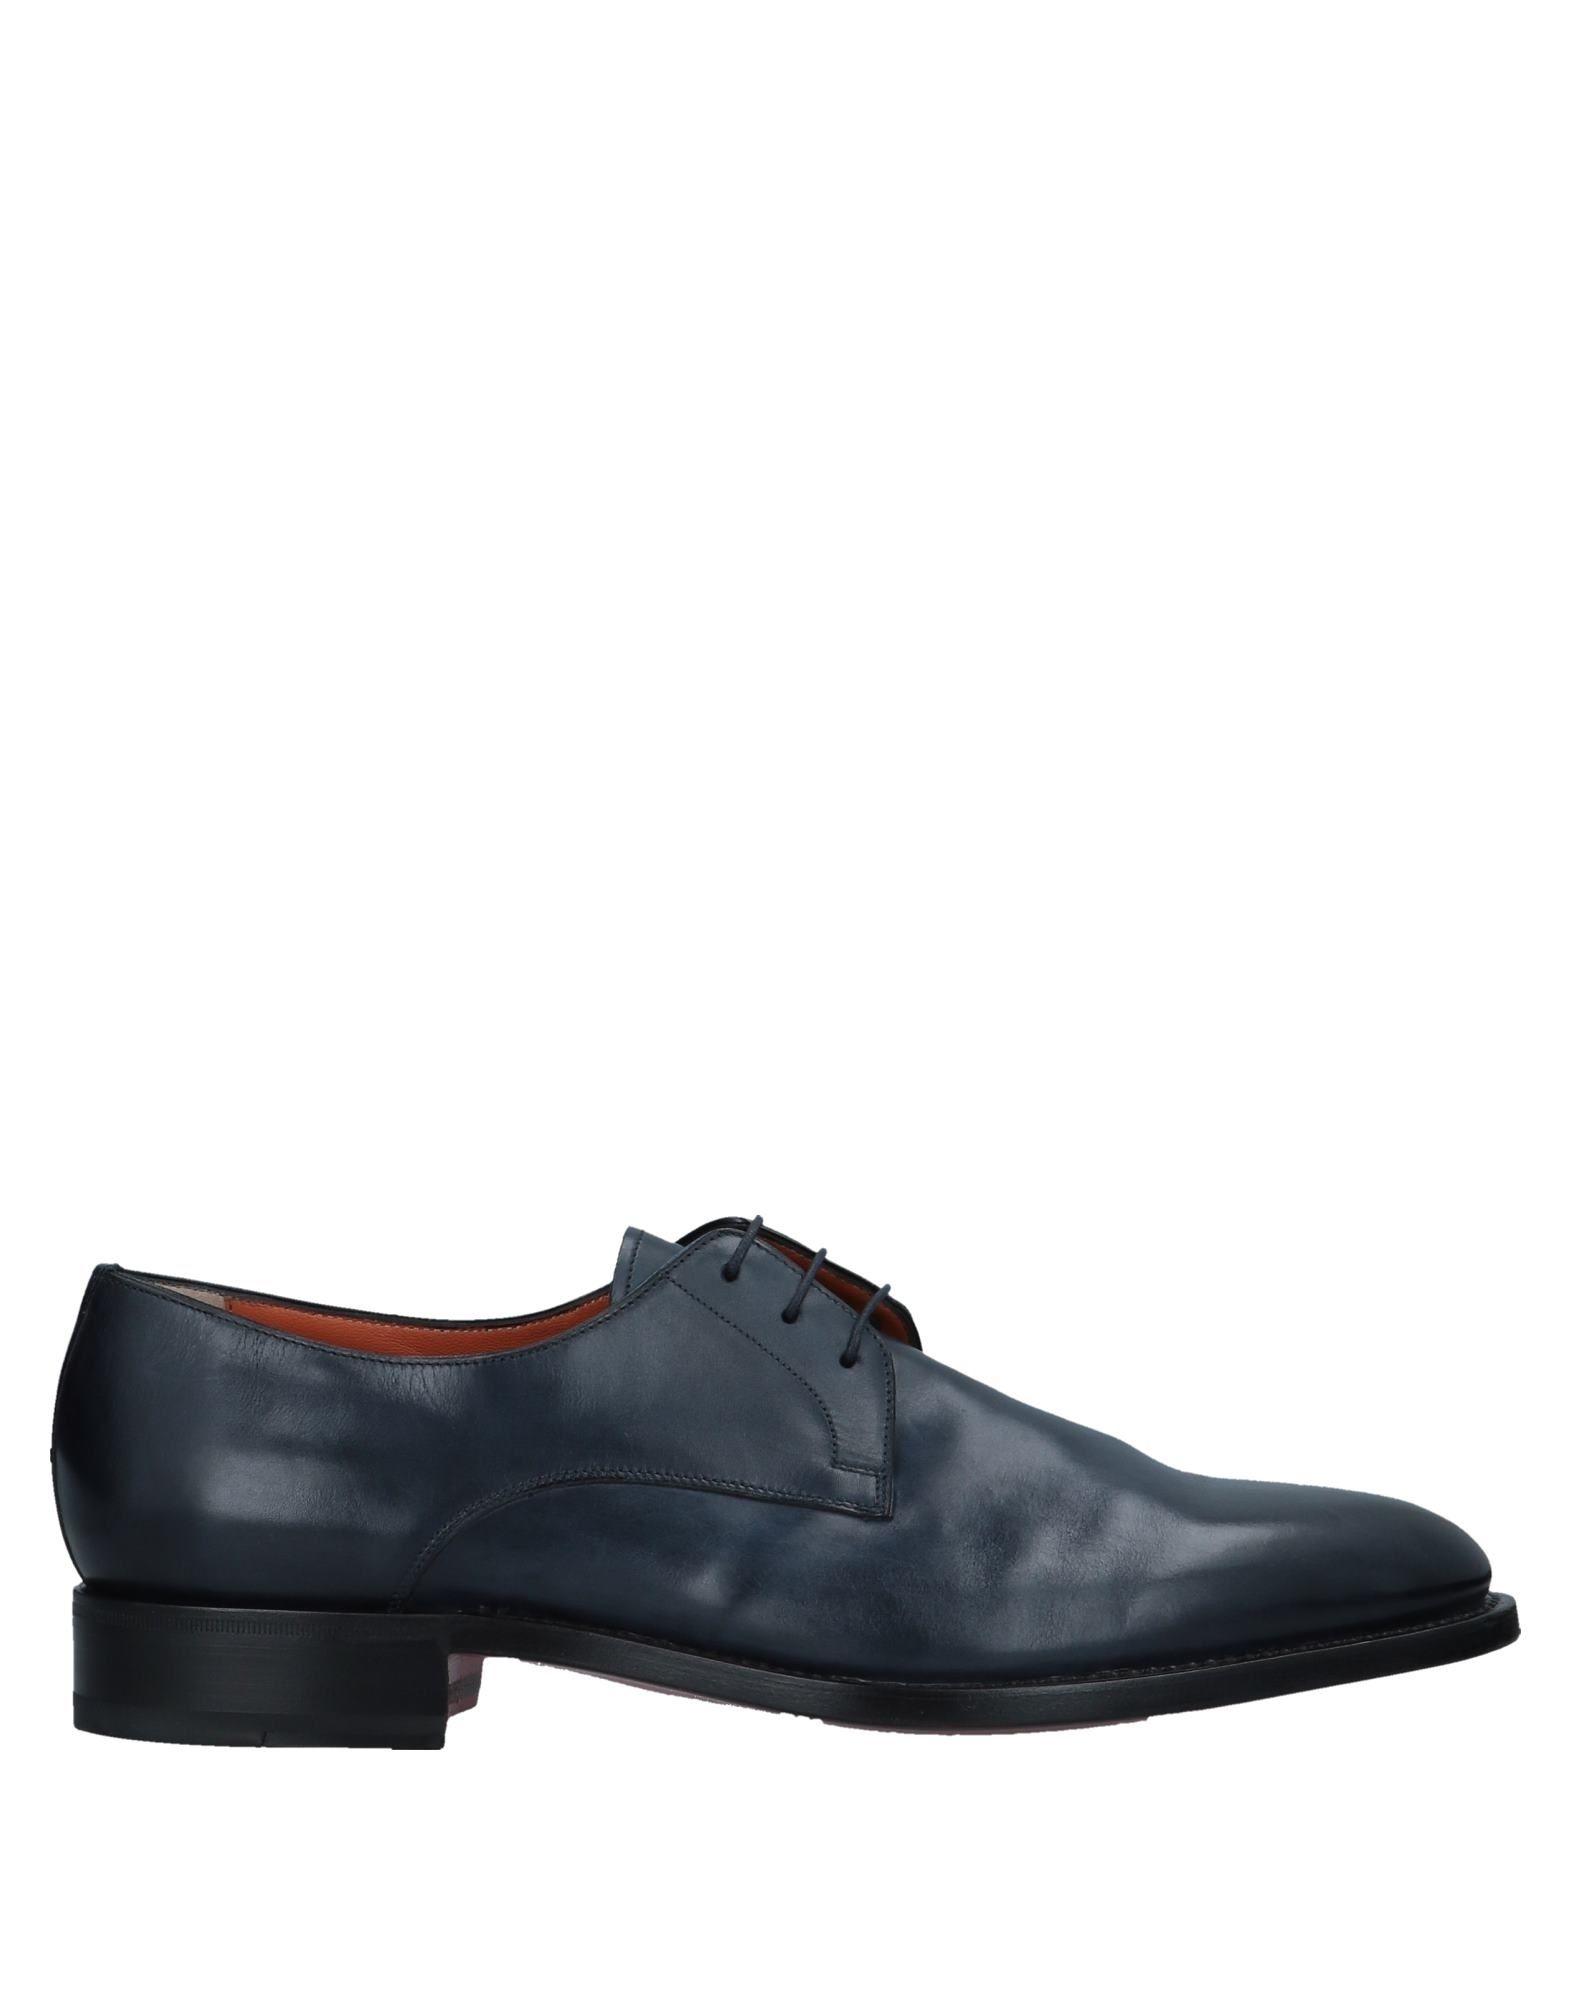 Santoni Schnürschuhe Herren  11542569QE Gute Qualität beliebte Schuhe